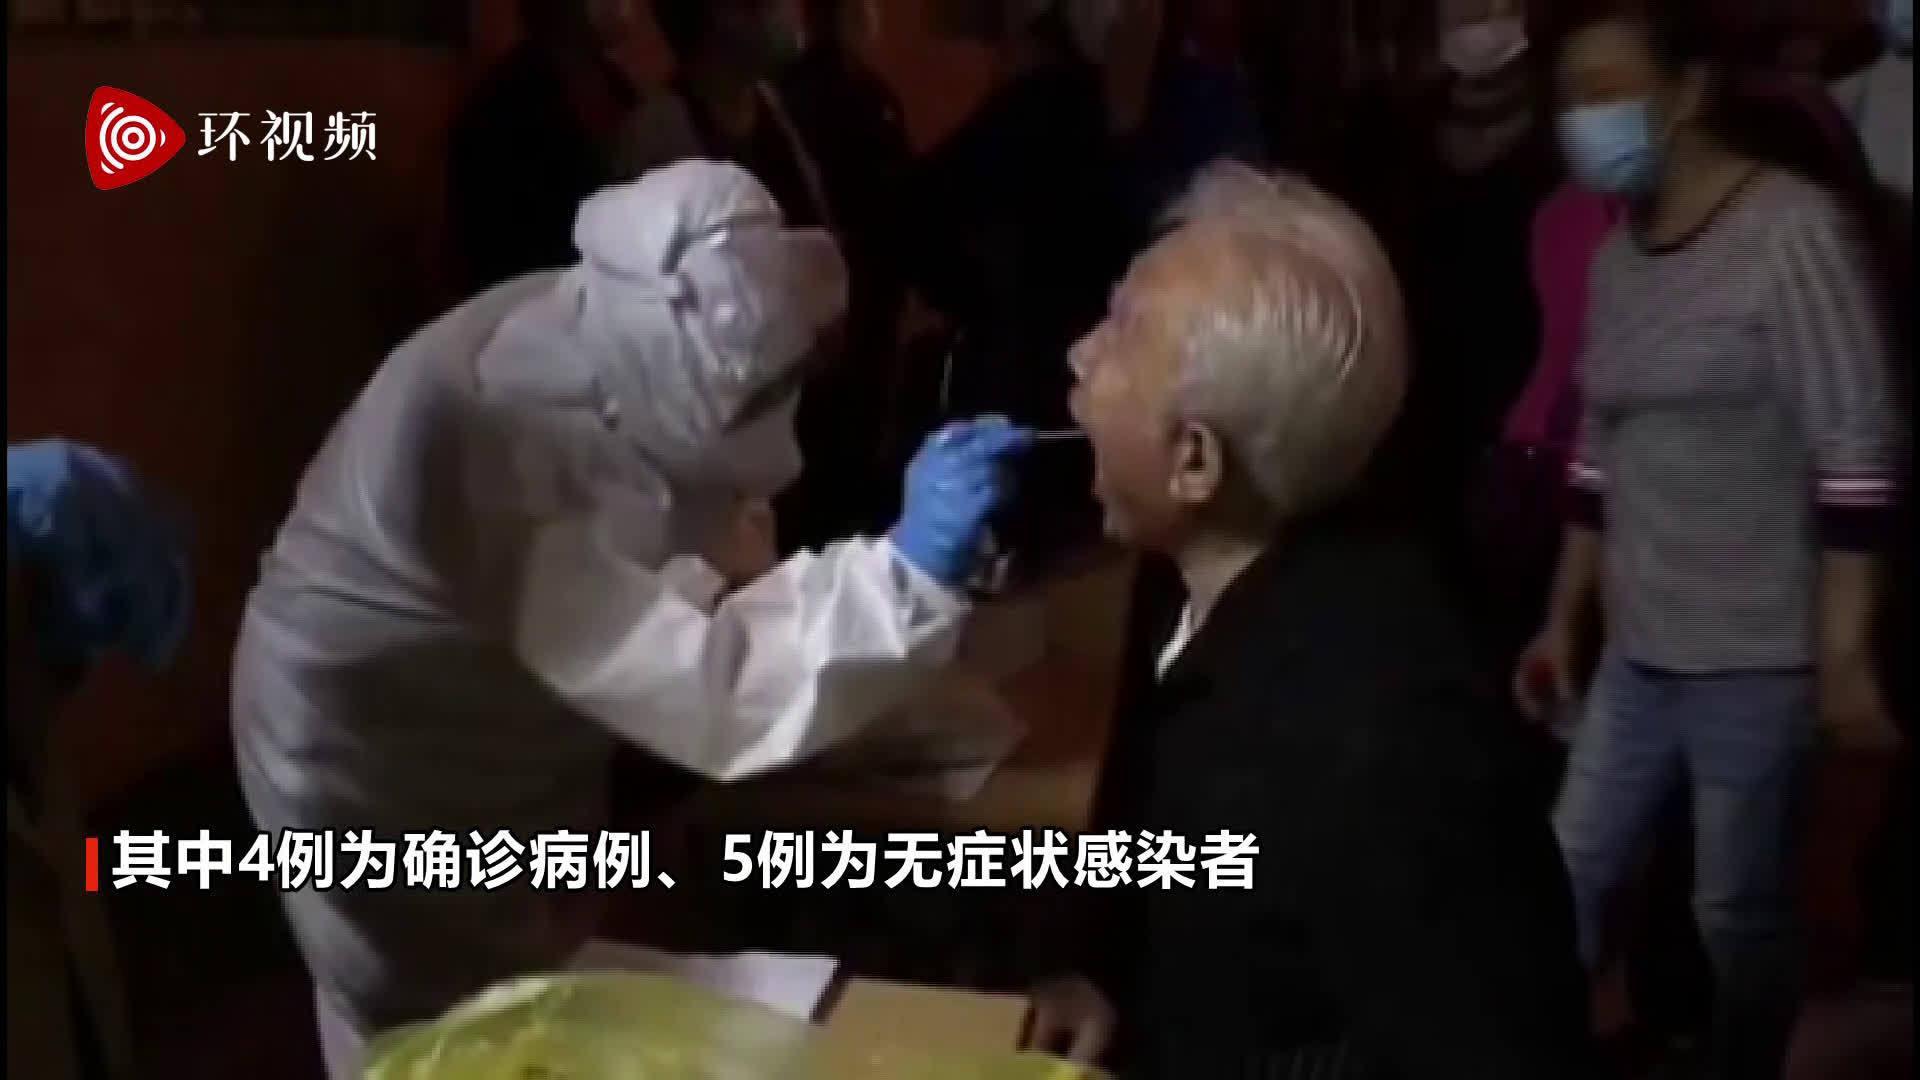 青岛新增核酸阳性9人 市民连夜排队接受核酸检测